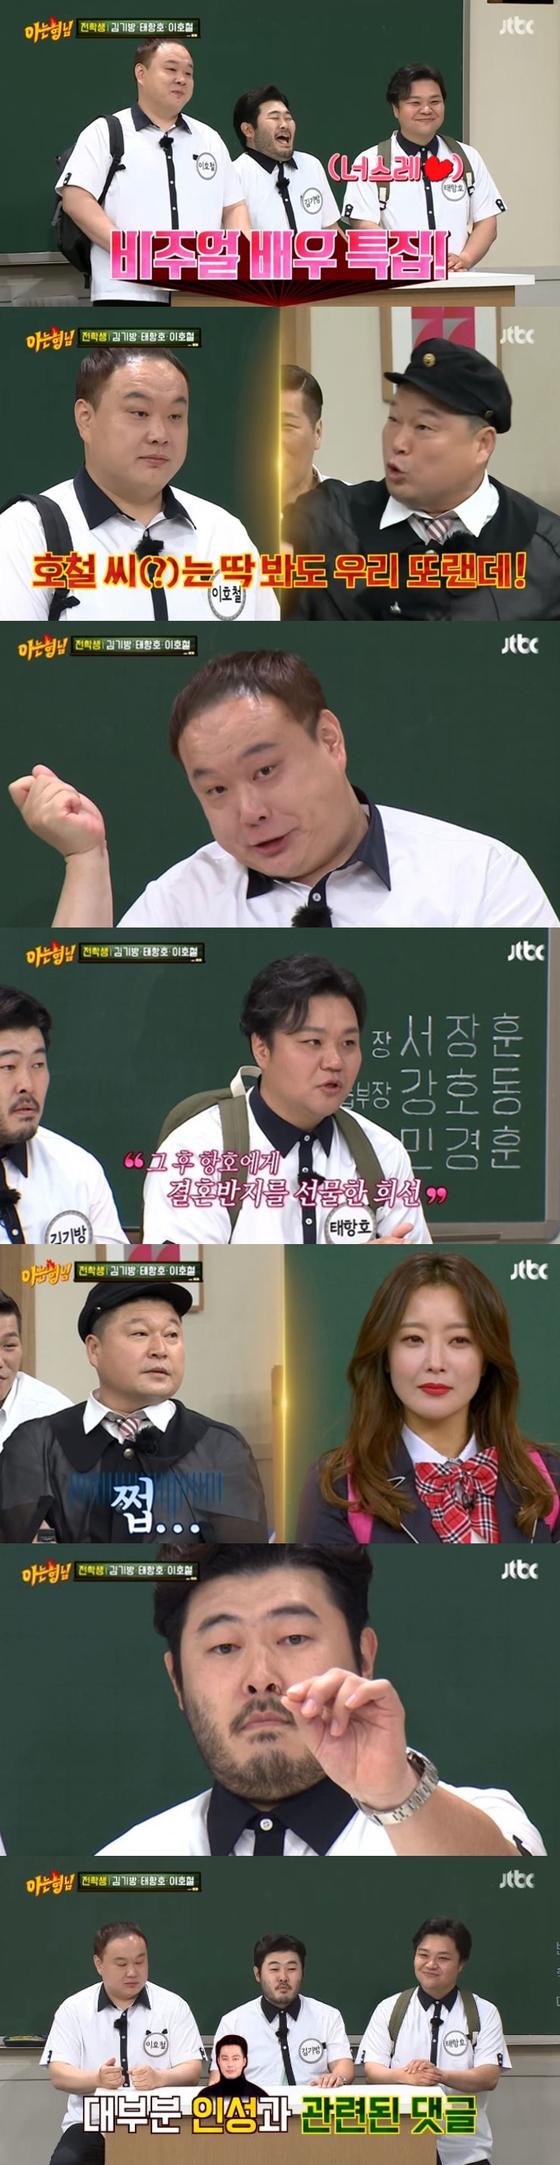 19일 방송된 JTBC 예능 '아는 형님' 캡처 화면